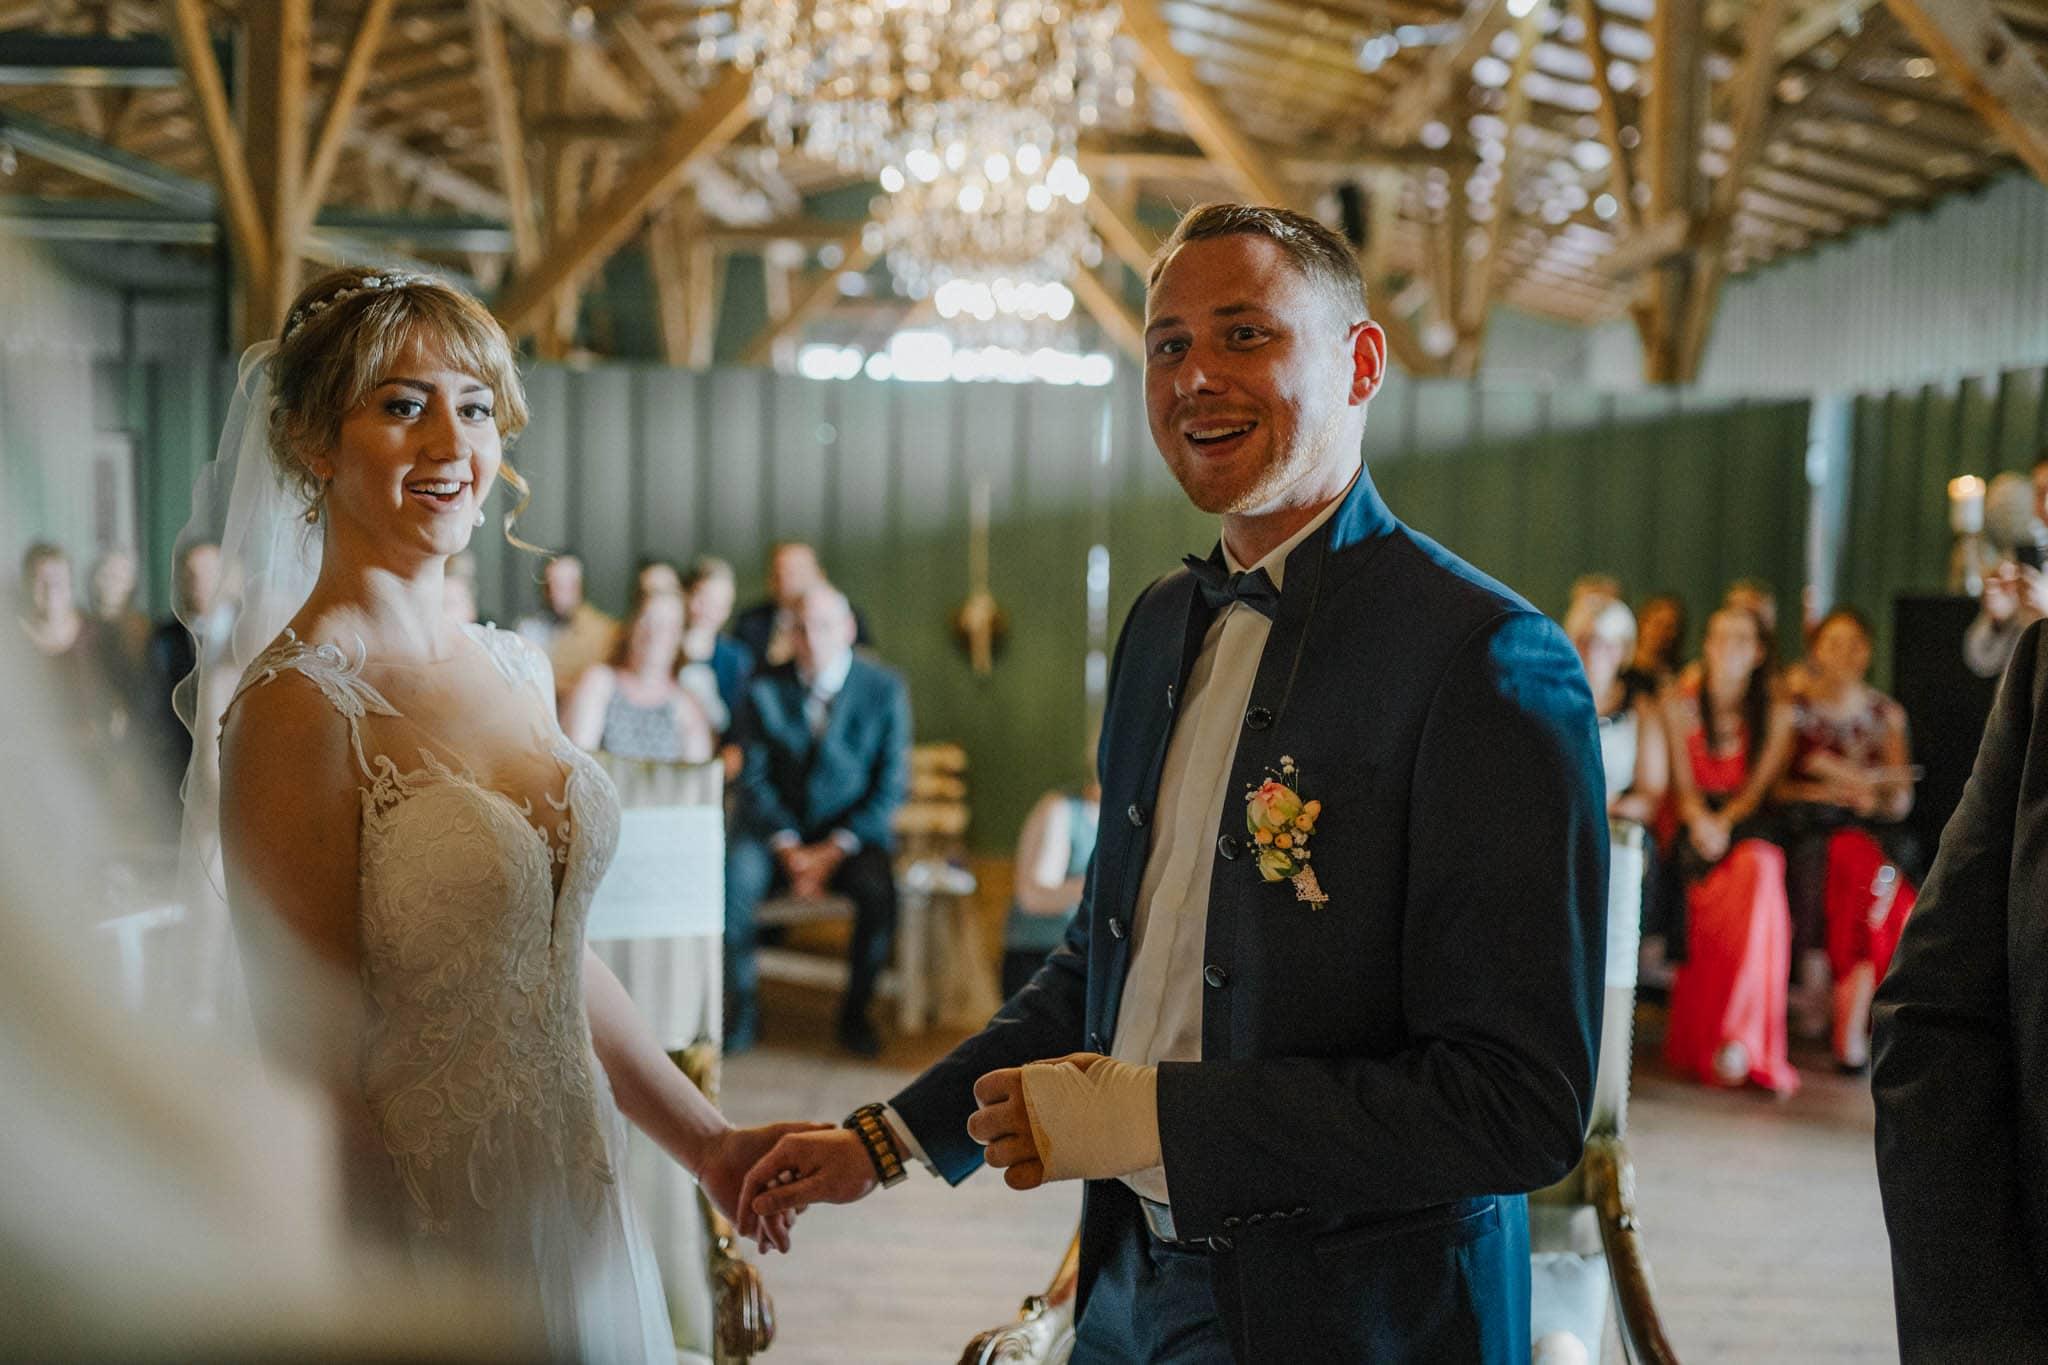 Hochzeitsfieber by Photo-Schomburg, Hoichzeitsfotograf, Hamburg, Wedding, Weddingtime, Hochzeitspaar, Braut, Bräutigam, Hochzeit im Norden,-55